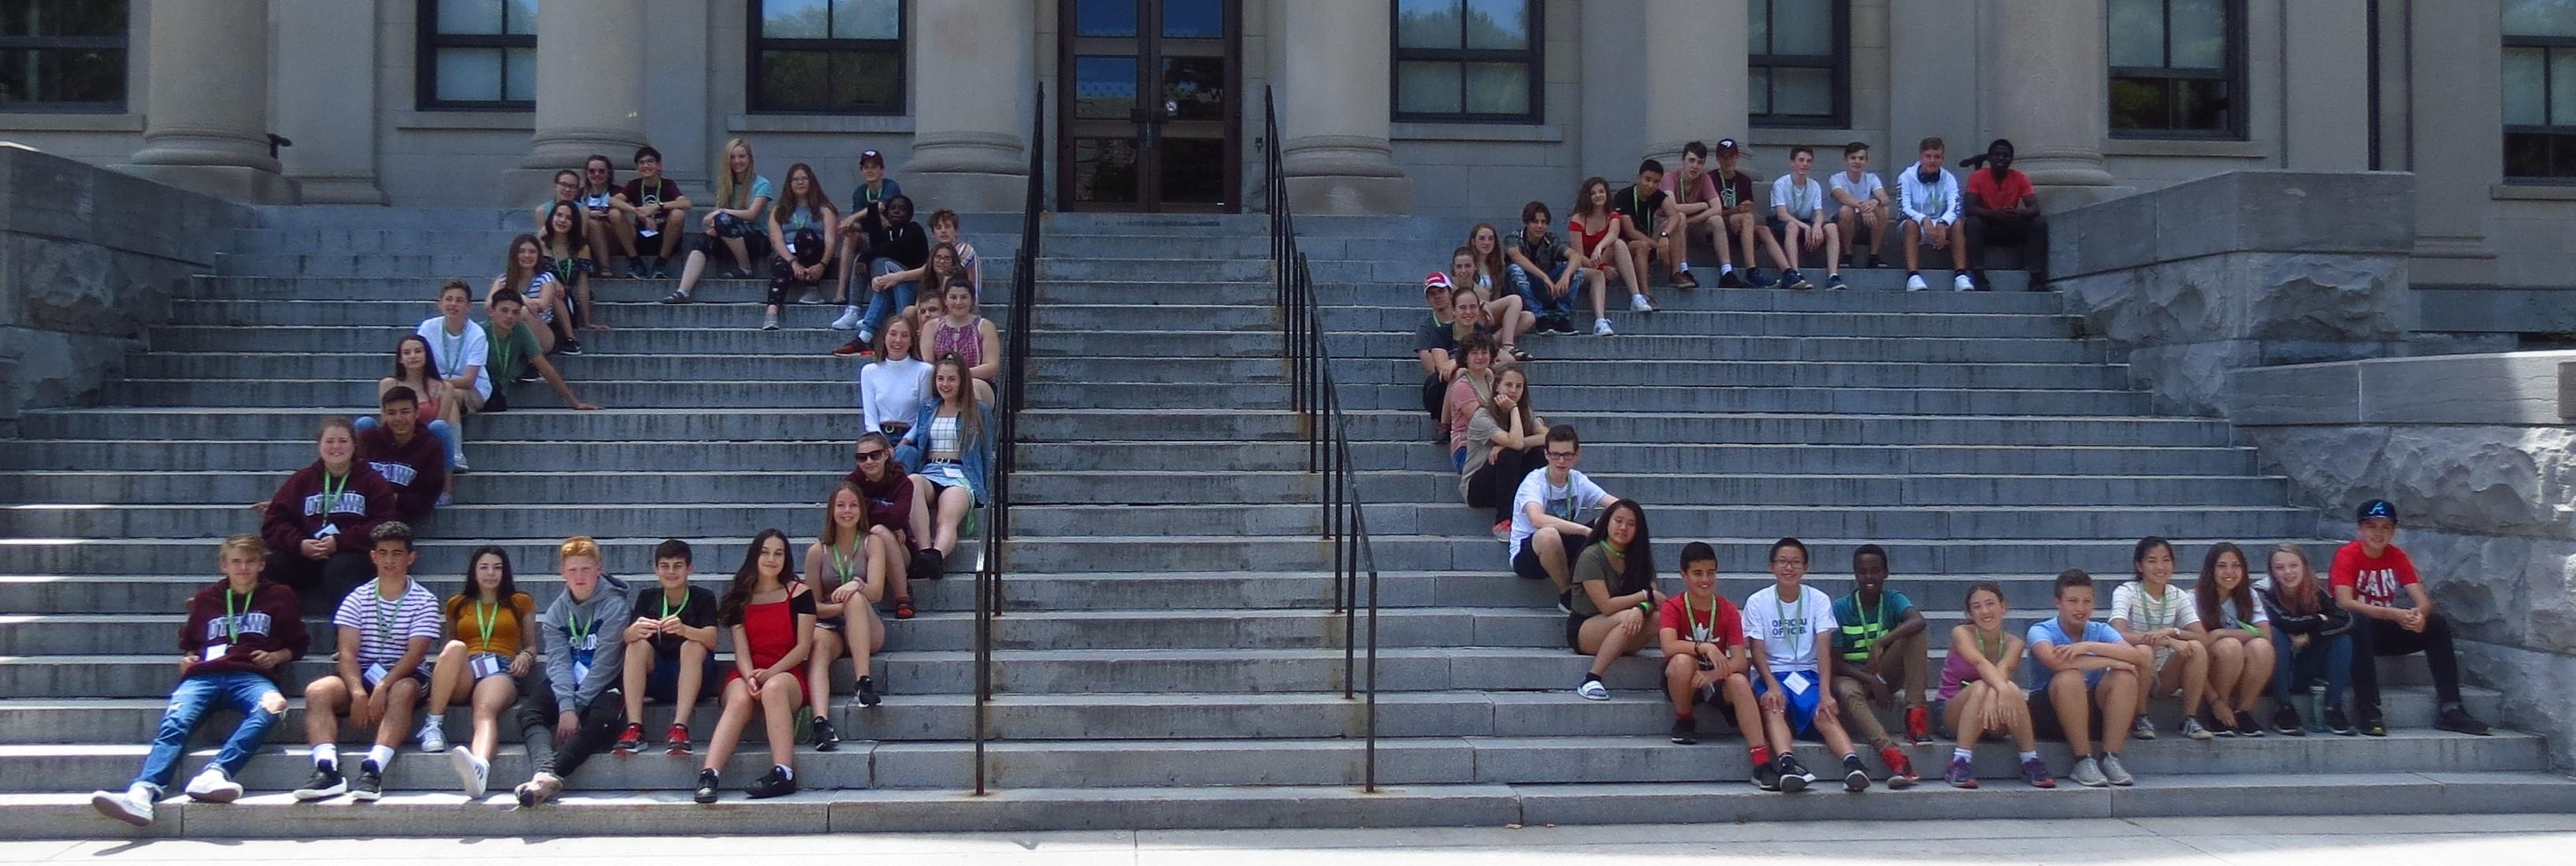 Groupe d'élèves assis dans les marches et formant les lettres DC.